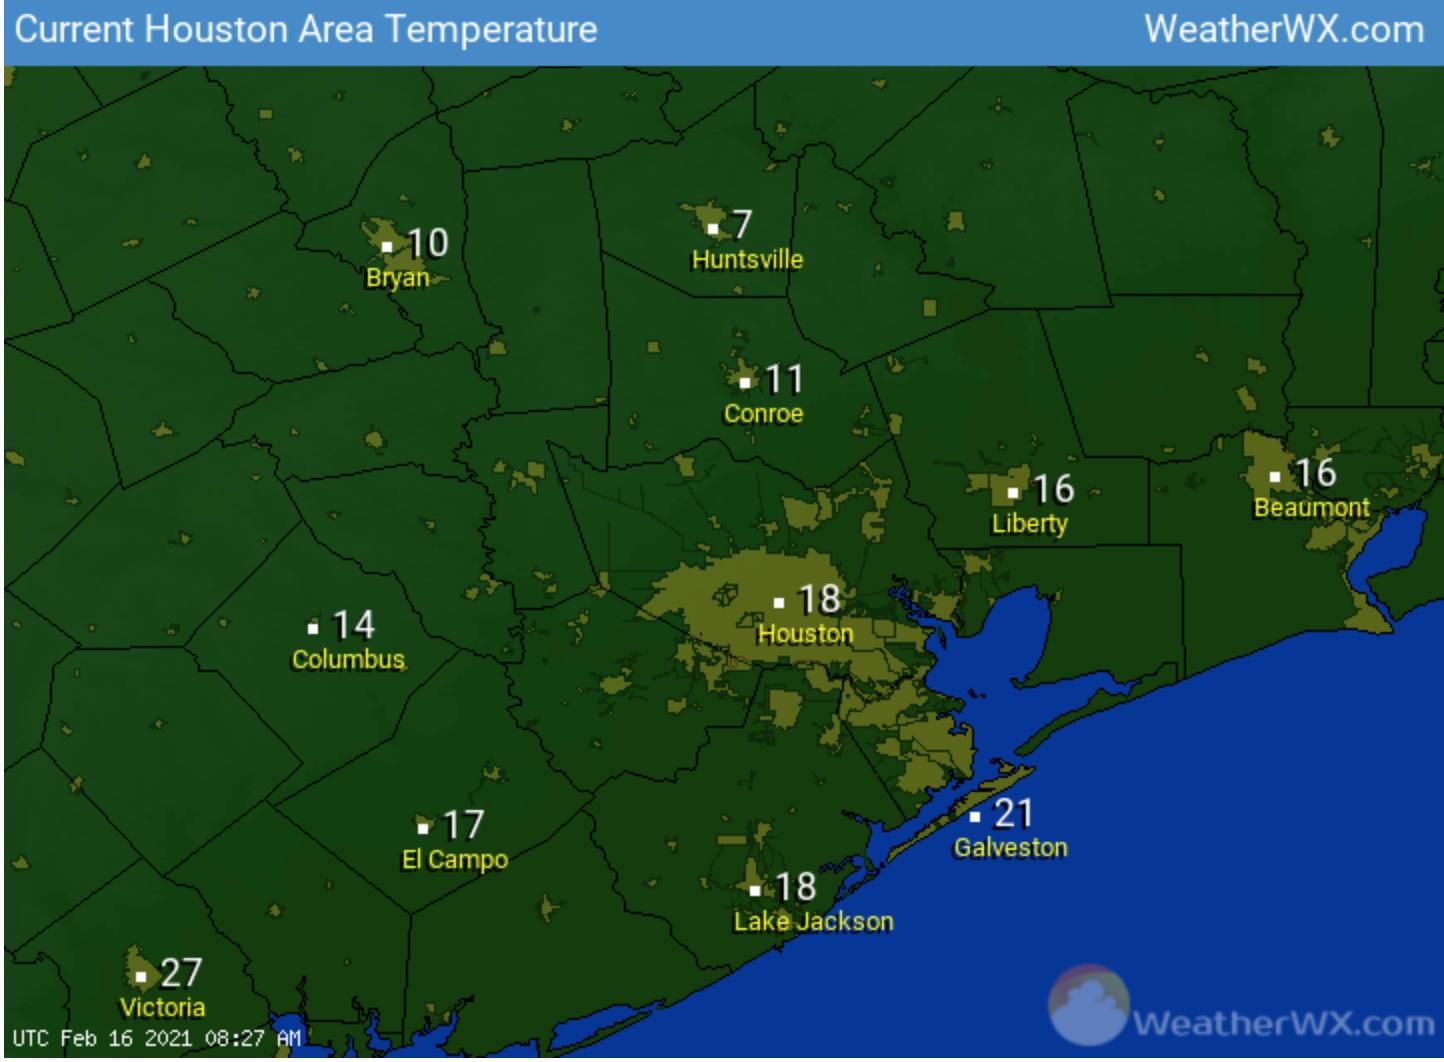 2/16/21 temperatures